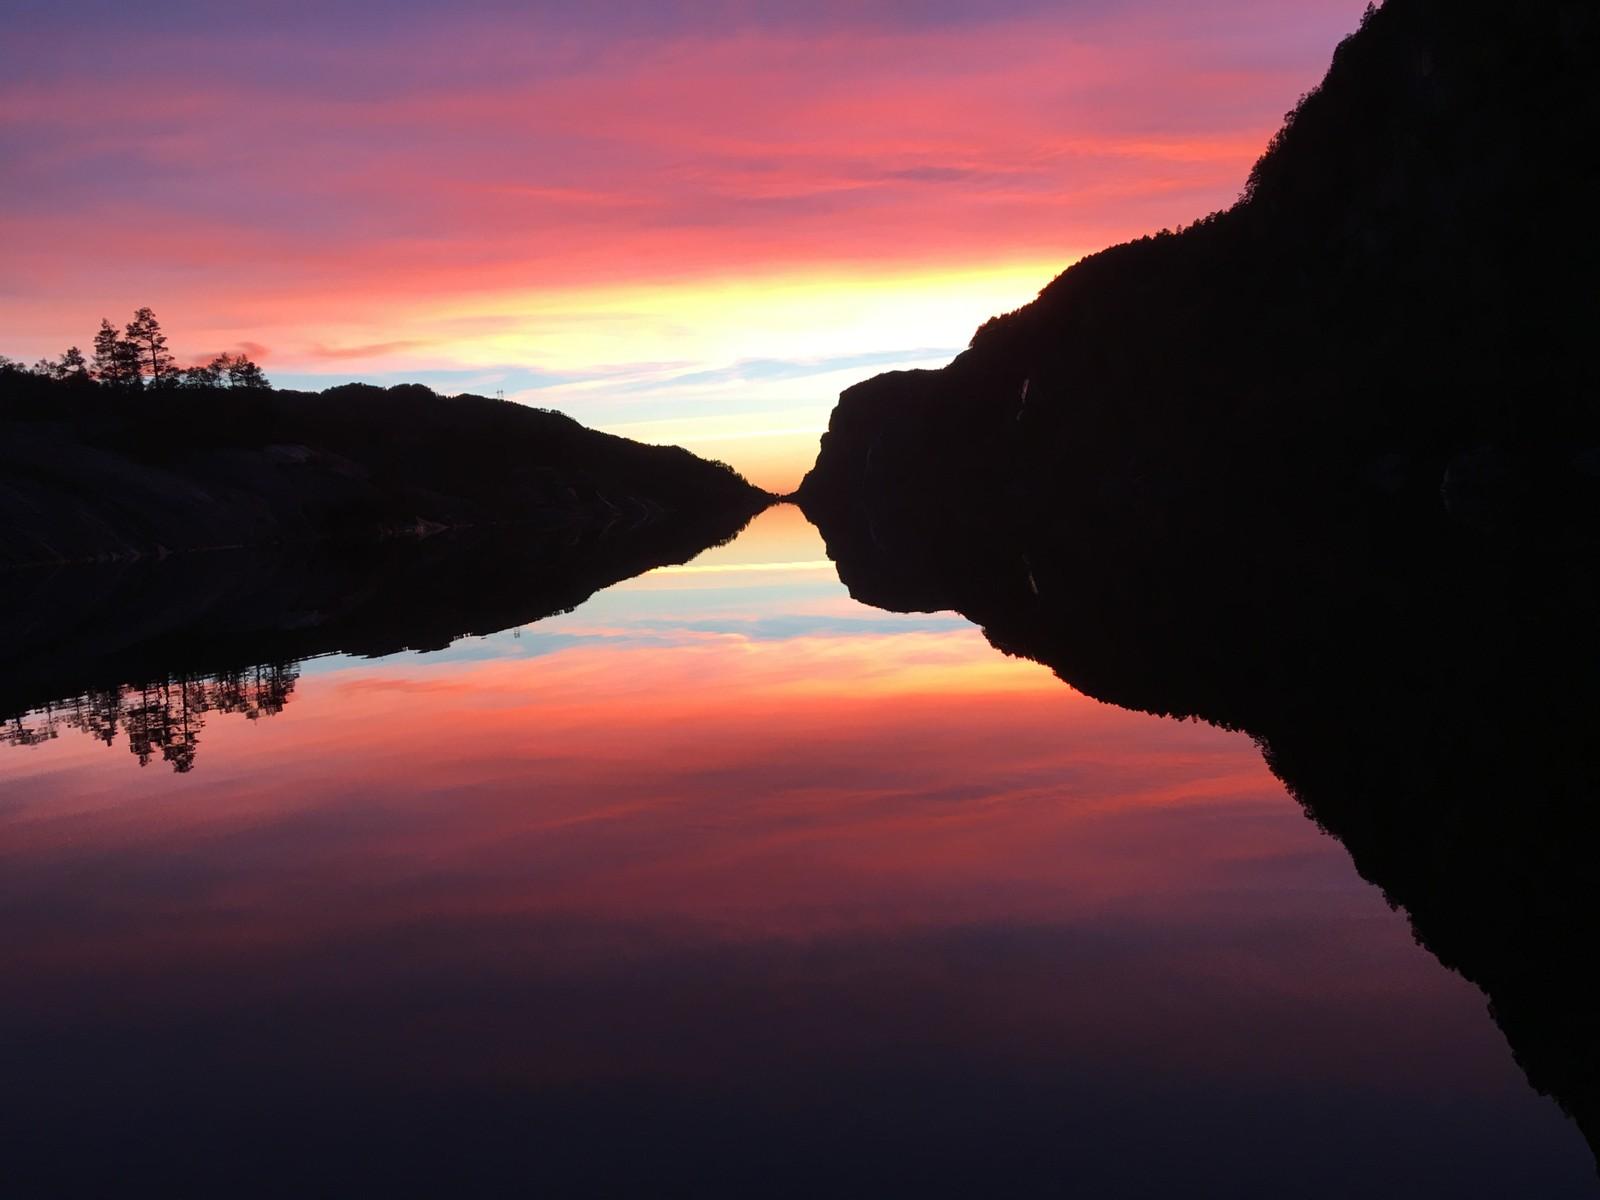 Fin solnedgang ved Haukåvatnet i Flora kommune.